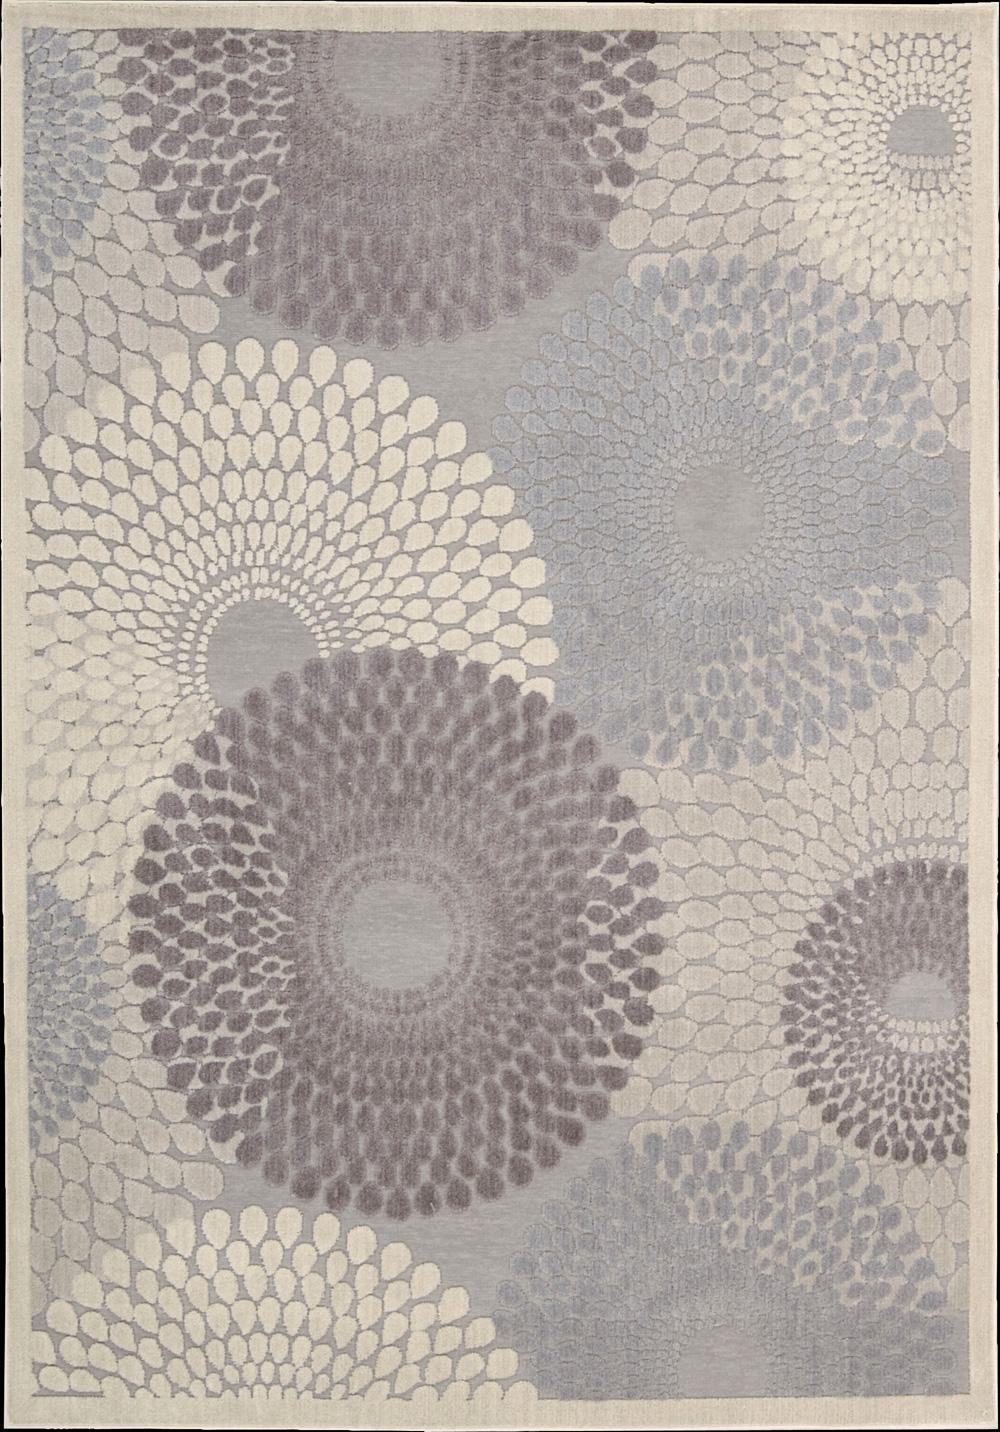 """Nourison Graphic Illusions Area Rug 5'3"""" x 7'5"""" - Item Number: 11805"""